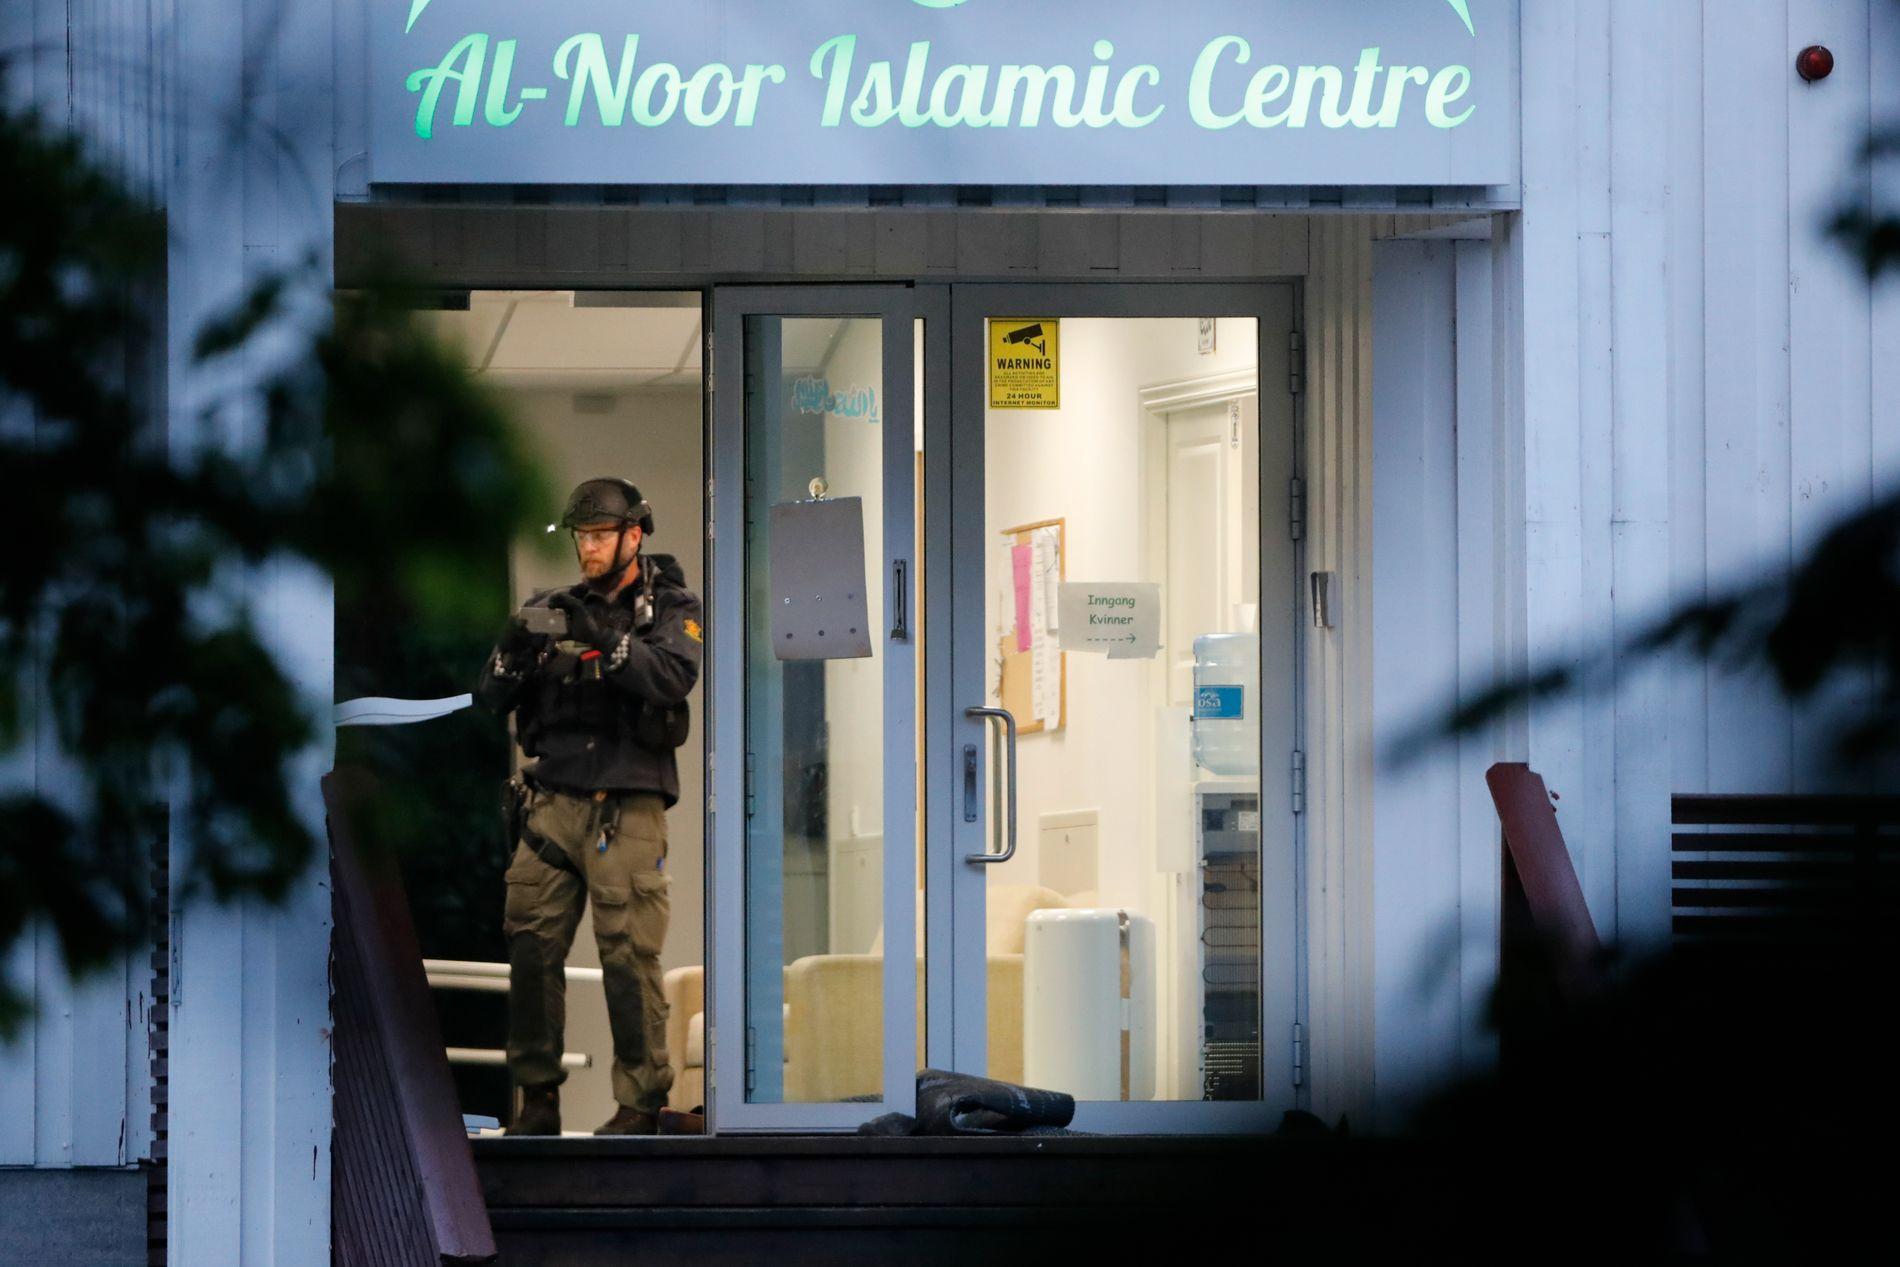 Leder Abdirahman Diriye i Islamsk Råd Norge sier folk innad i det muslimske miljøet er berørt. – Det er ingen tvil om at dette setter mange i sjokktilstand, sier han til NTB. Foto: Terje Bendiksby / NTB scanpix